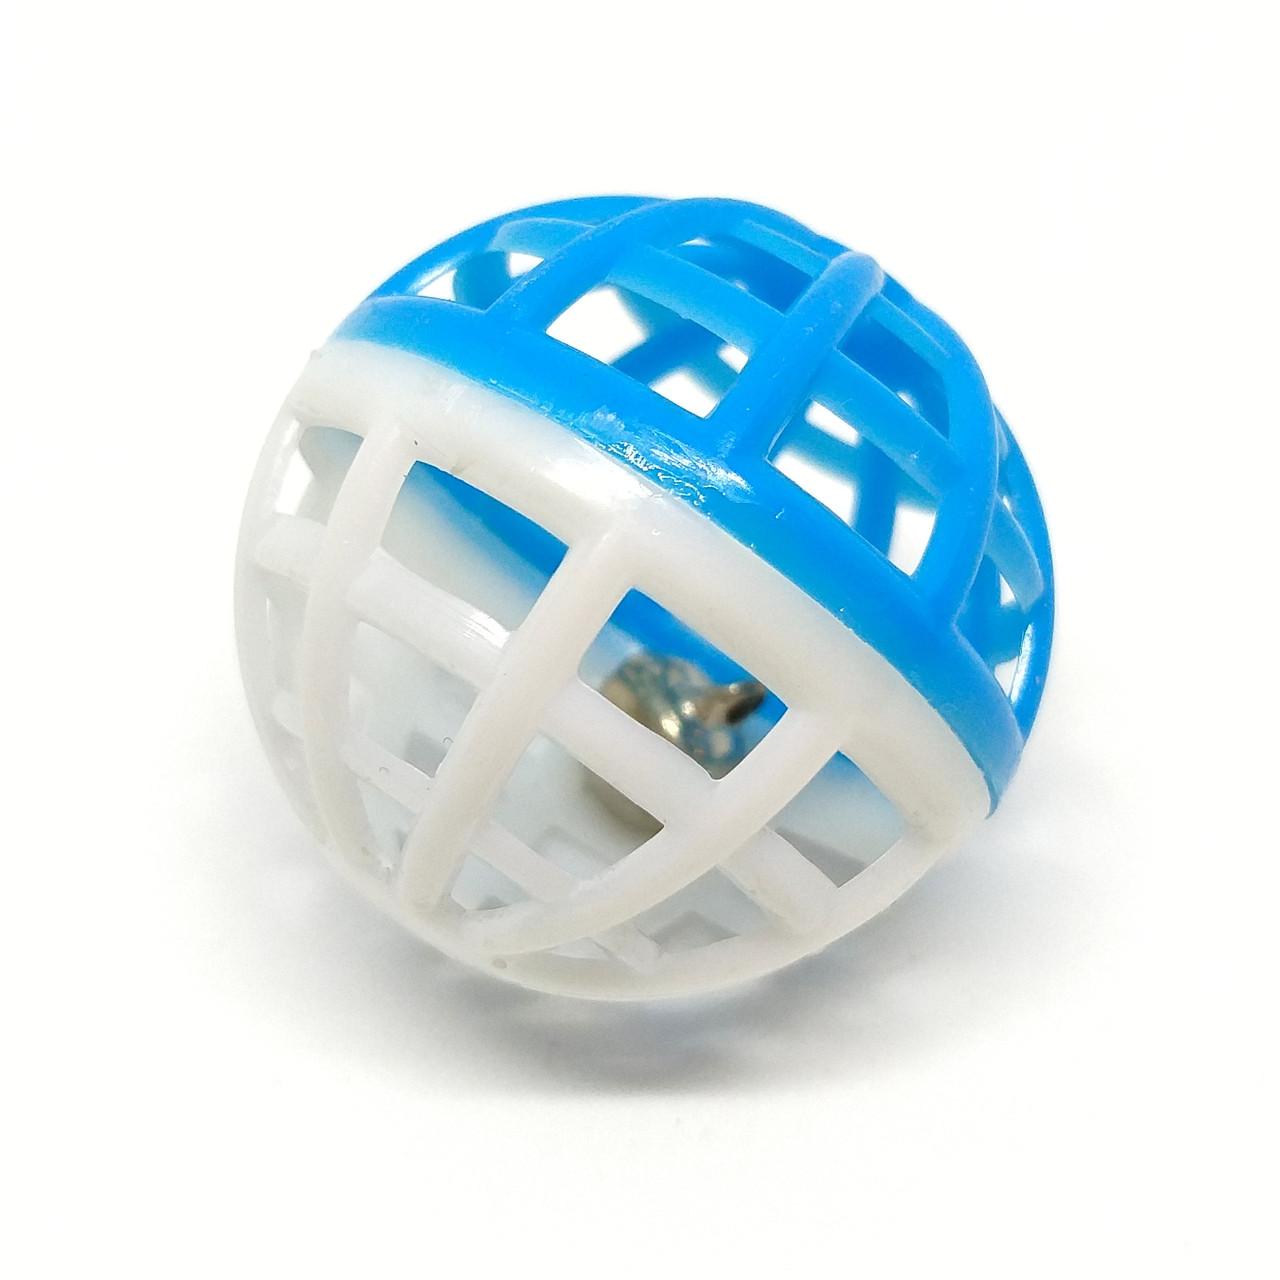 Игрушка для кошек Мячик-погремушка Zizi бело-синий 4 см